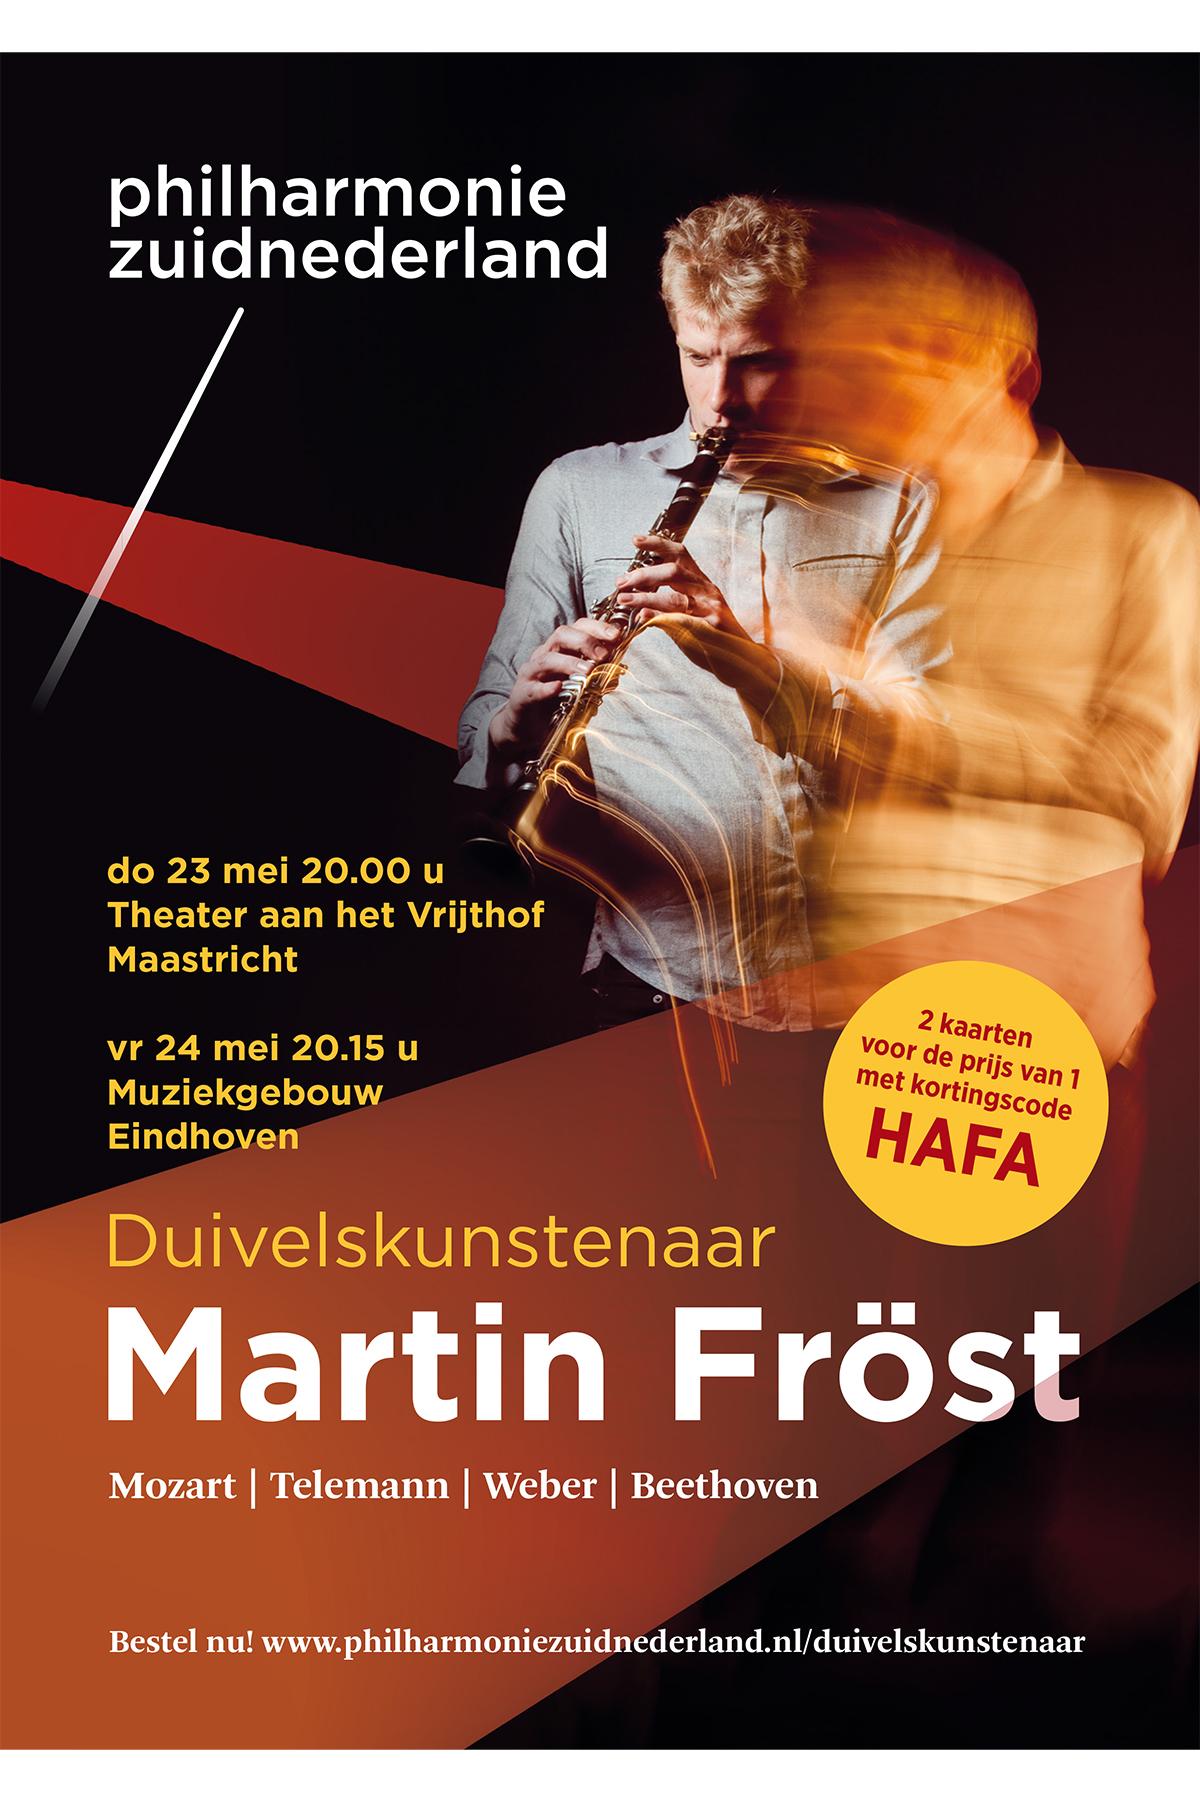 philharmoniezuidnederland 7 - 23 mei